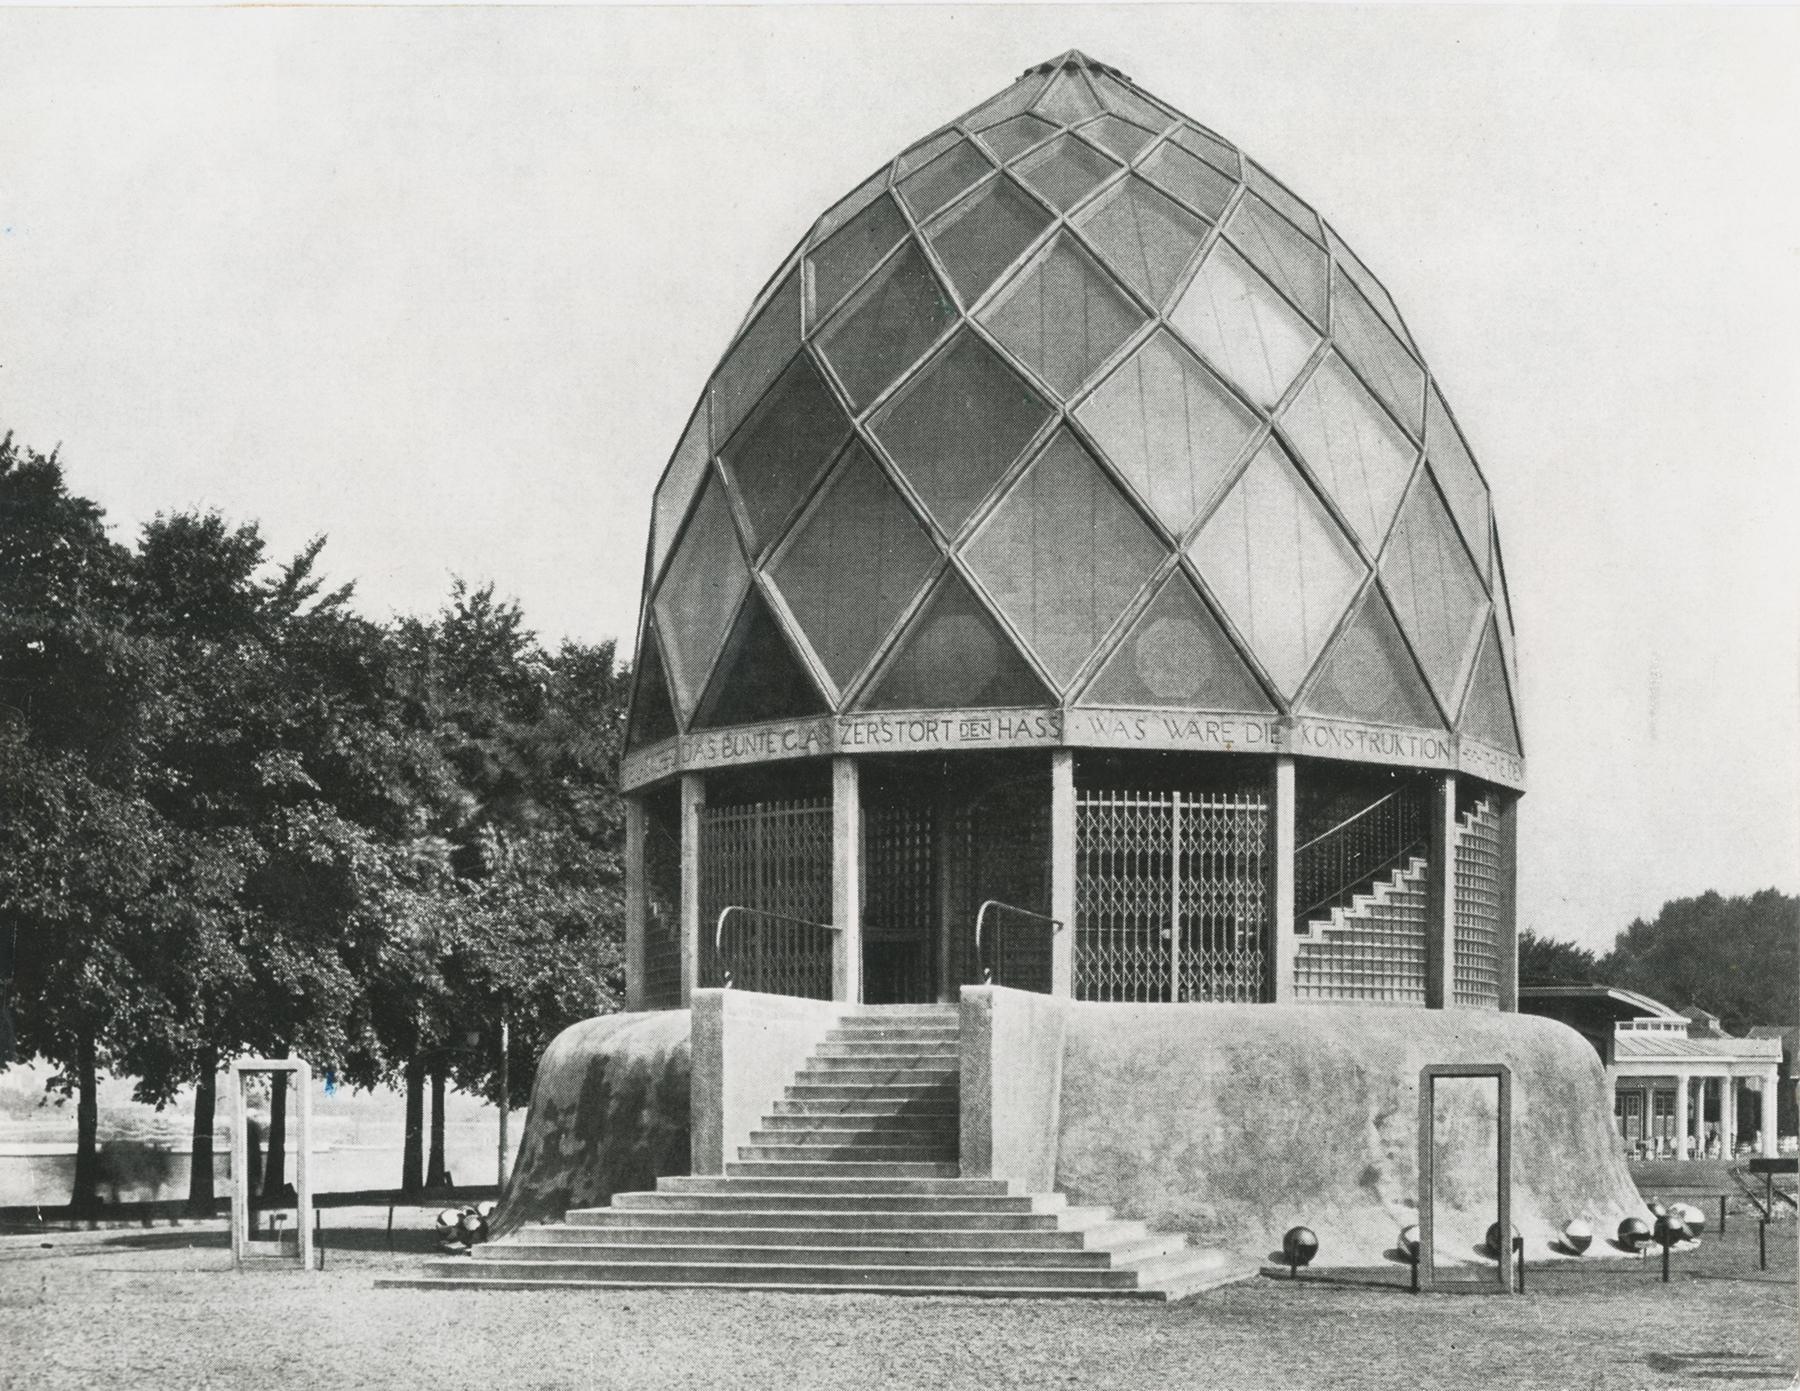 Bruno Taut, Glashaus auf der Werkbundausstellung auf Köln 1914, Ansicht von außen, Akademie der Künste, Berlin, Bruno-Taut-Sammlung, Fotograf unbekannt